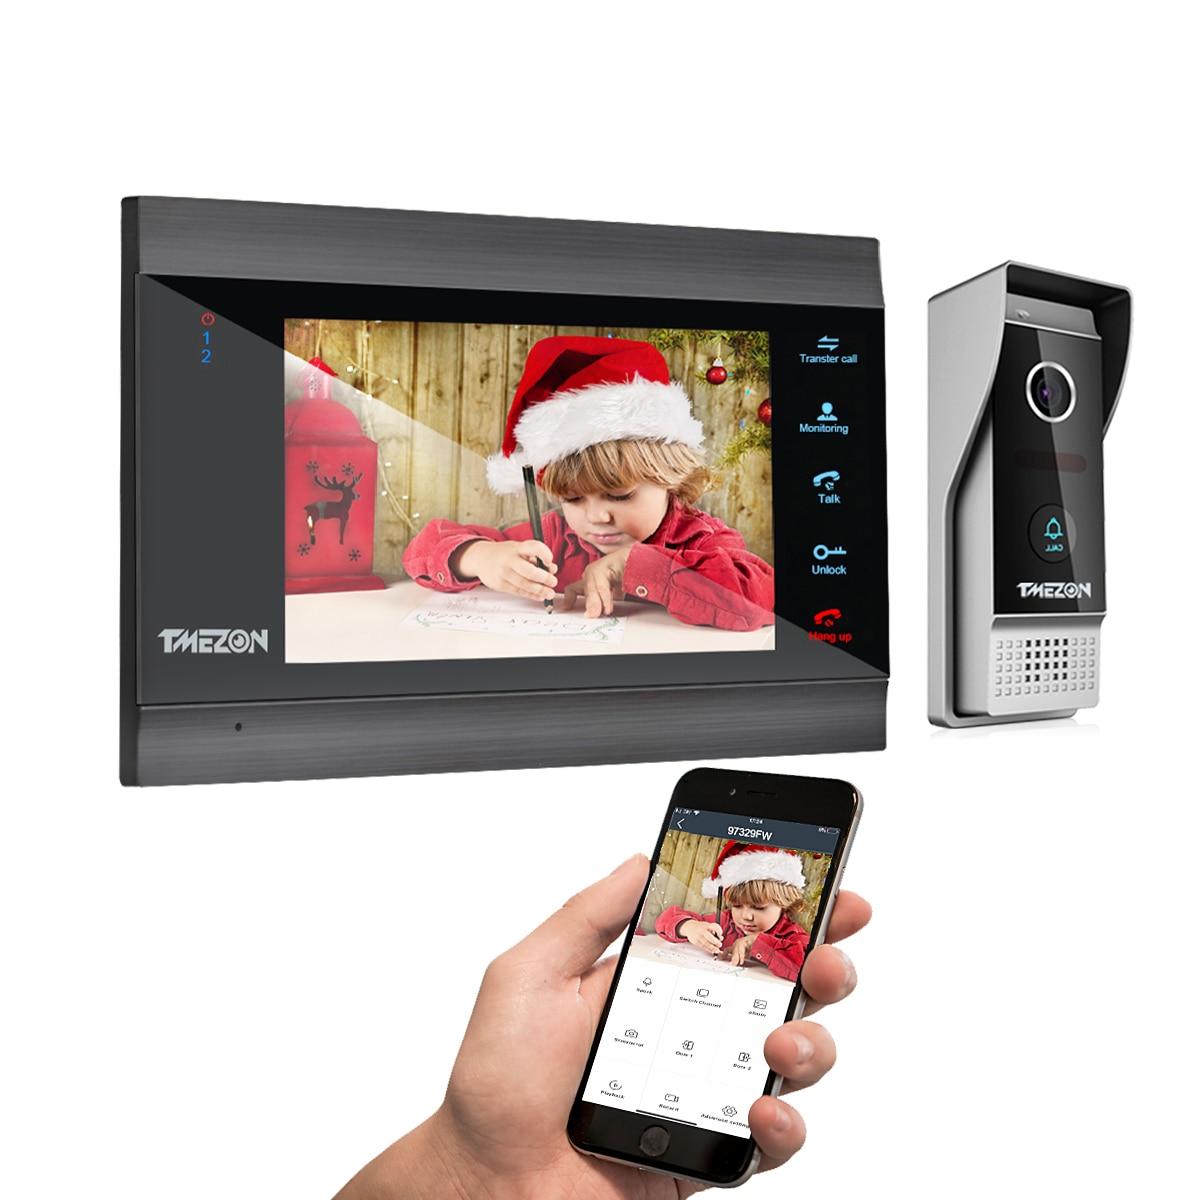 TMEZON Tuya App Home Intercom System Wireless WiFi Smart IP Video Doorbell 1080P 7 Inch with 1x1080P Wired Doorbell